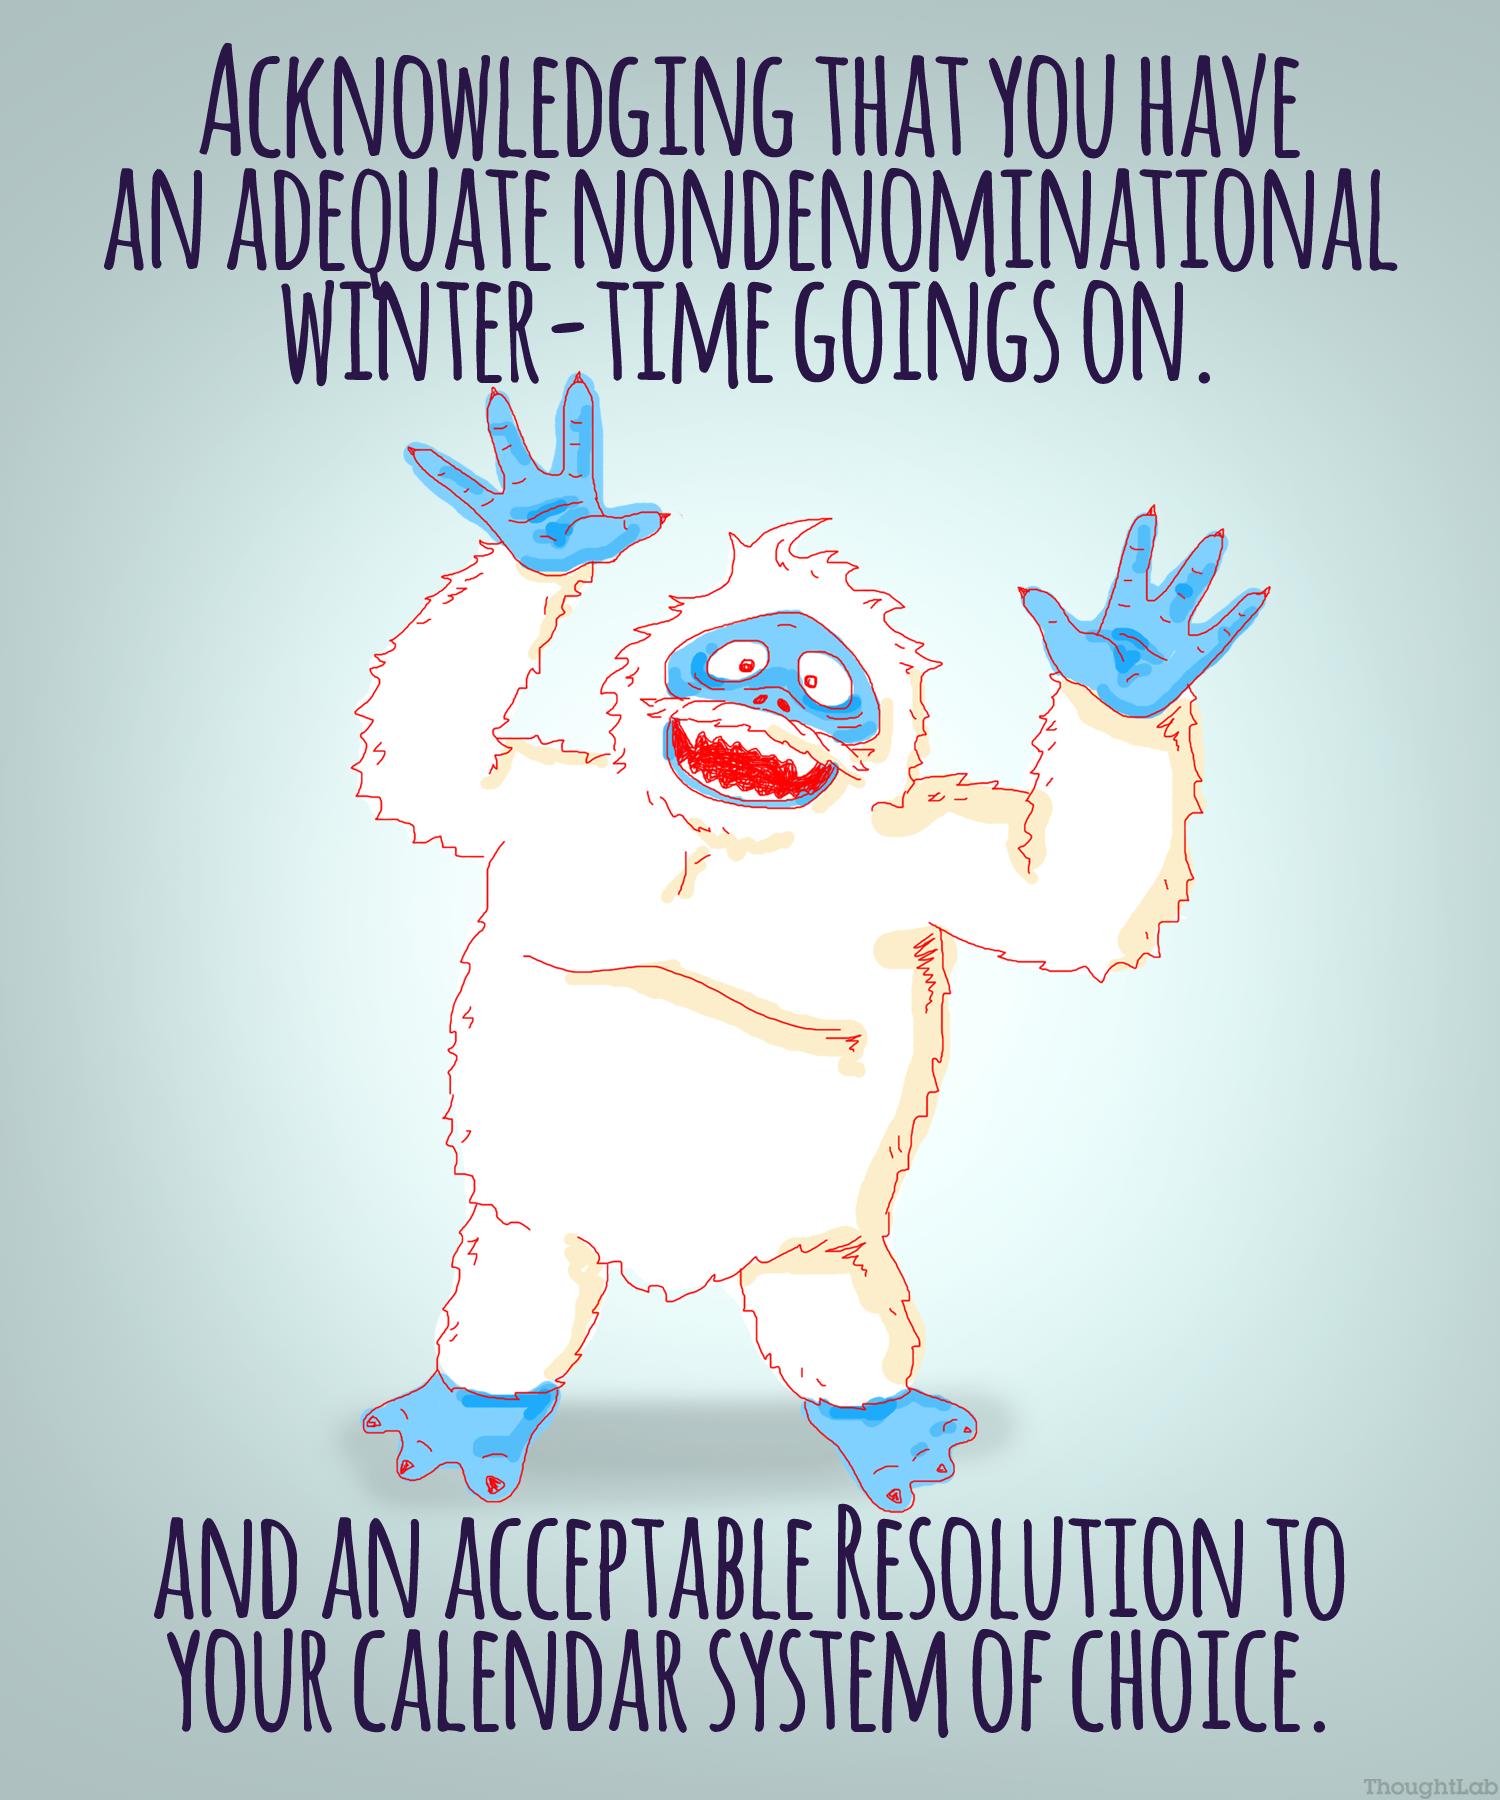 2015080120461254064_adequate_nondimensional_wintertime